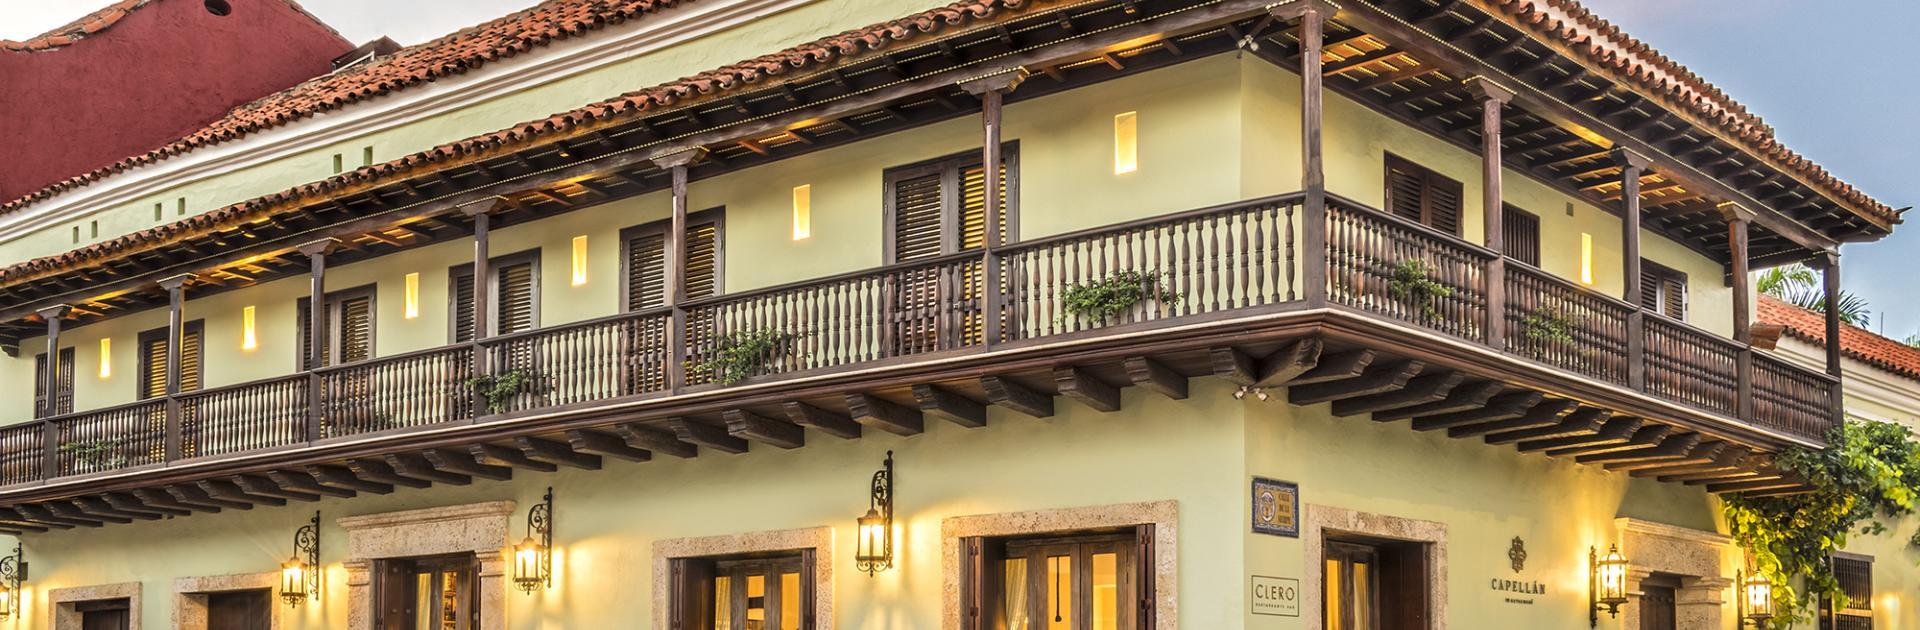 Restaurante Clero del Hotel Capellán, participante de Dónde Restaurant Week 2019 en en Cartagena de Indias